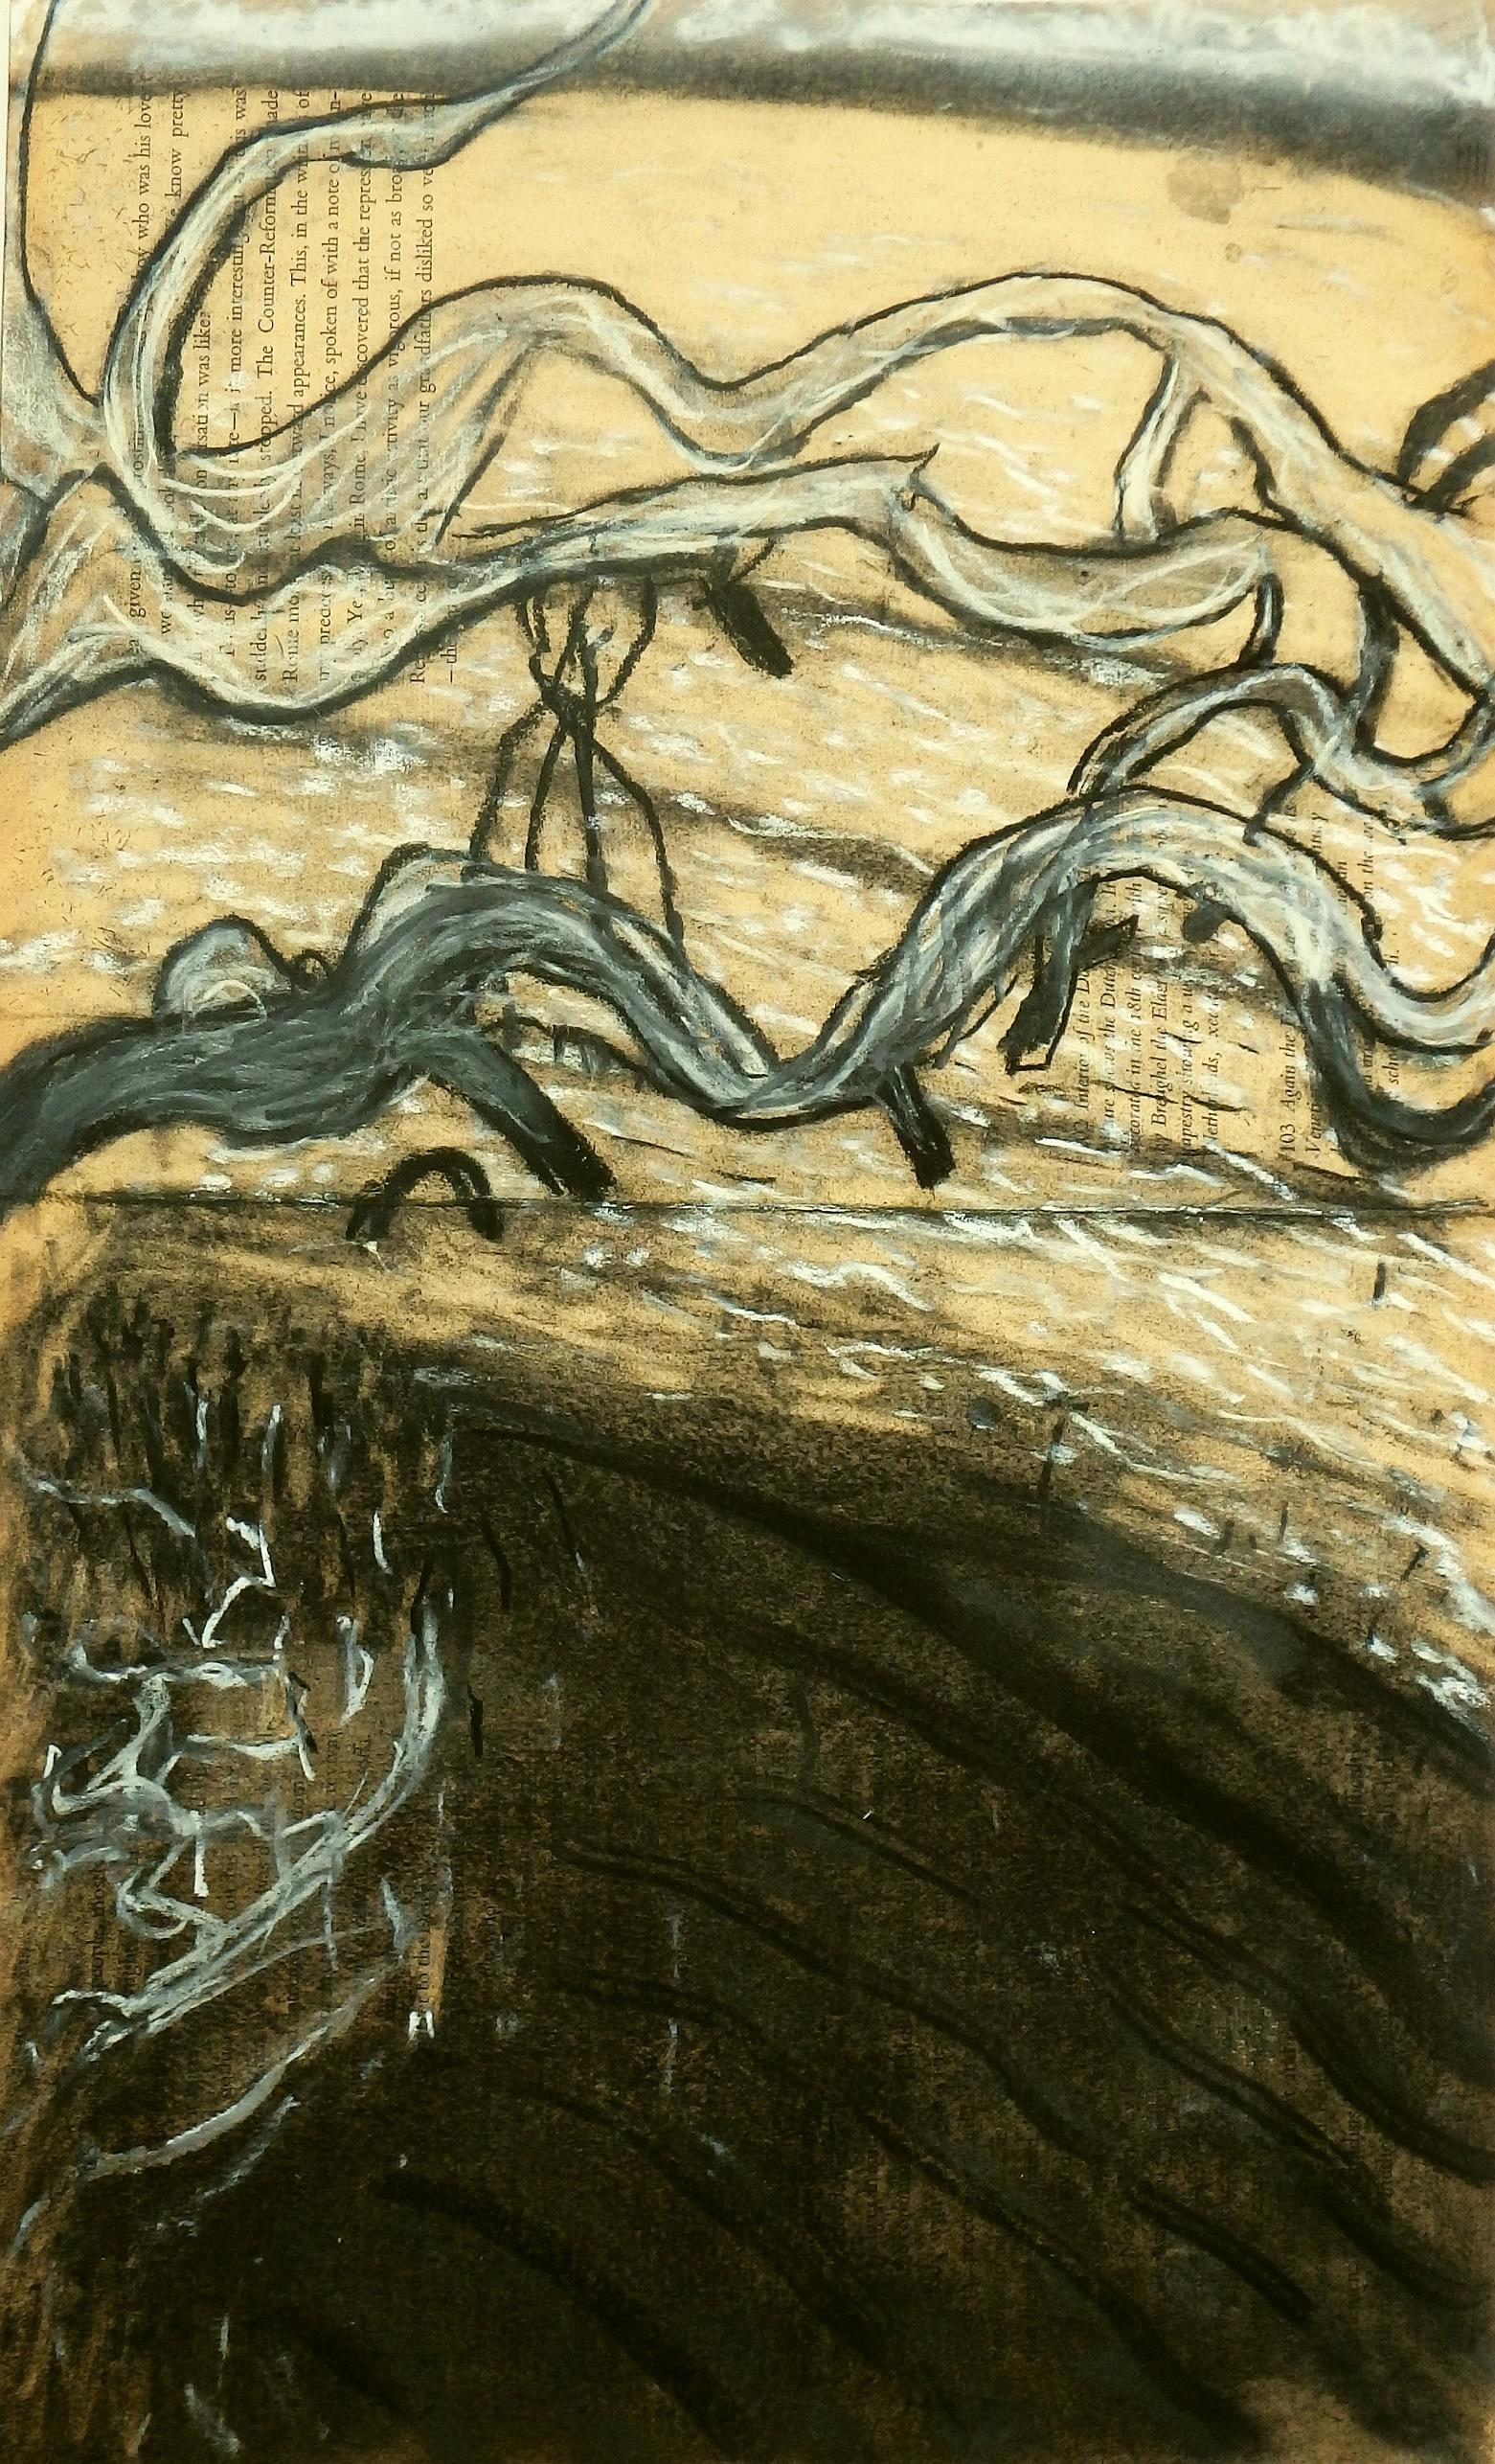 galloping mangroves